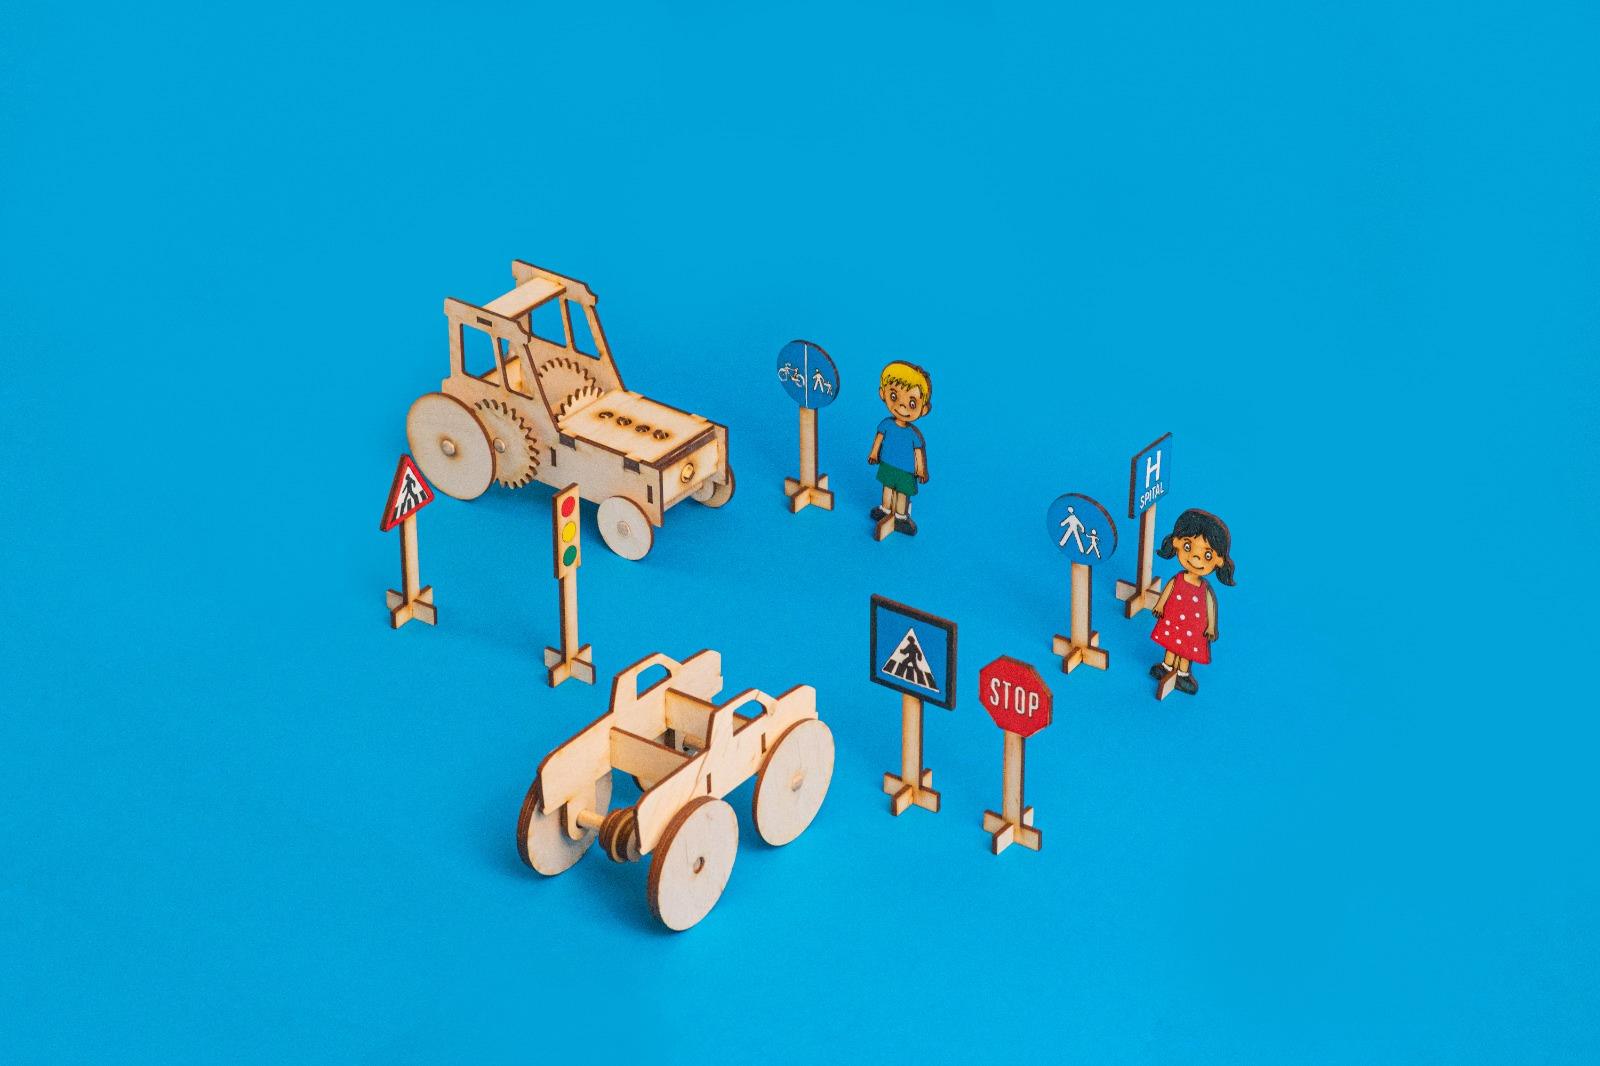 set de educație rutiera din lemn - doti jucarii educative